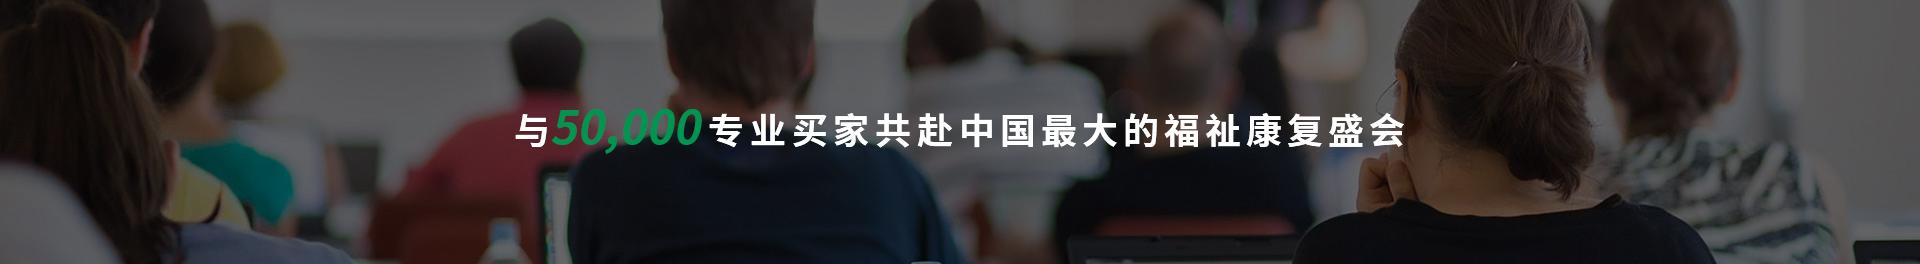 与50,000专业买家共赴中国最大的福祉雷火官网盛会